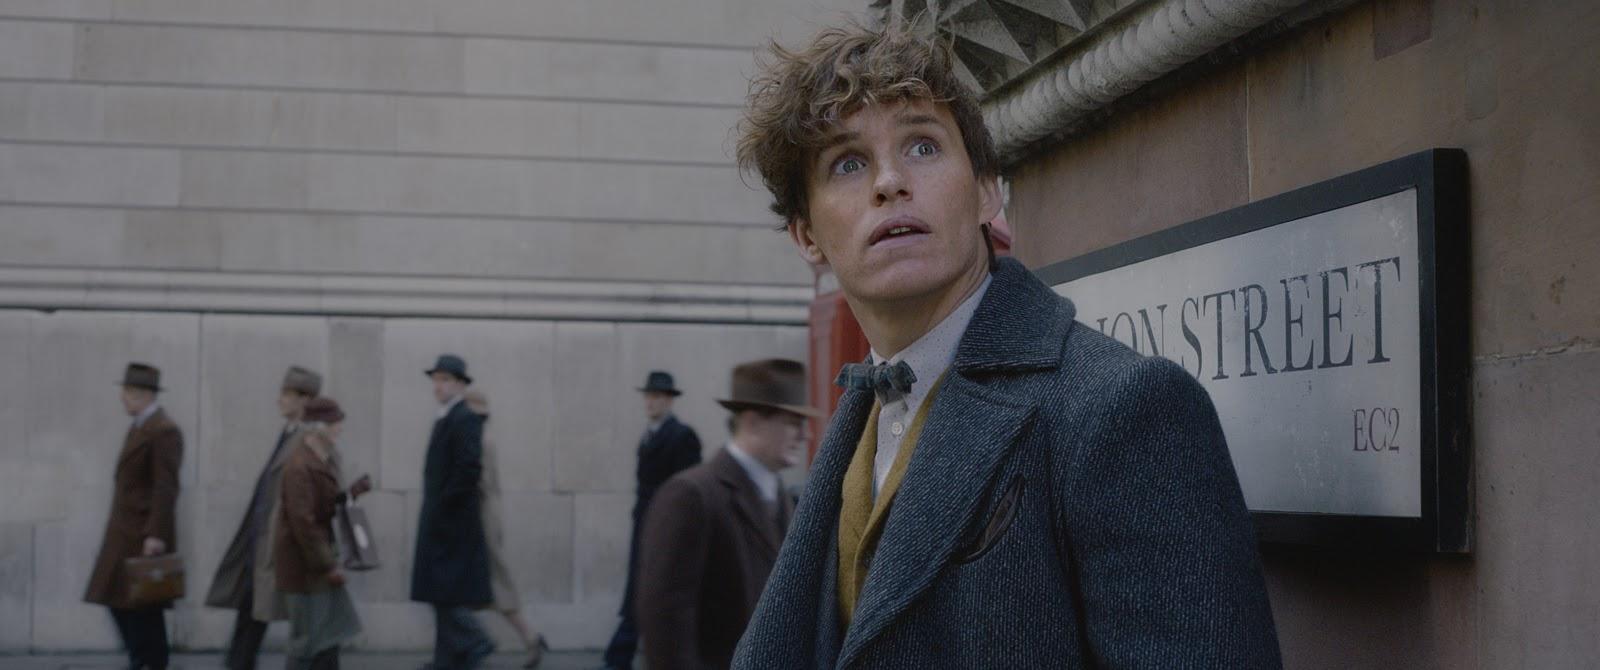 Os Crimes de Grindelwald recebe 2 indicações para o prêmio BAFTA